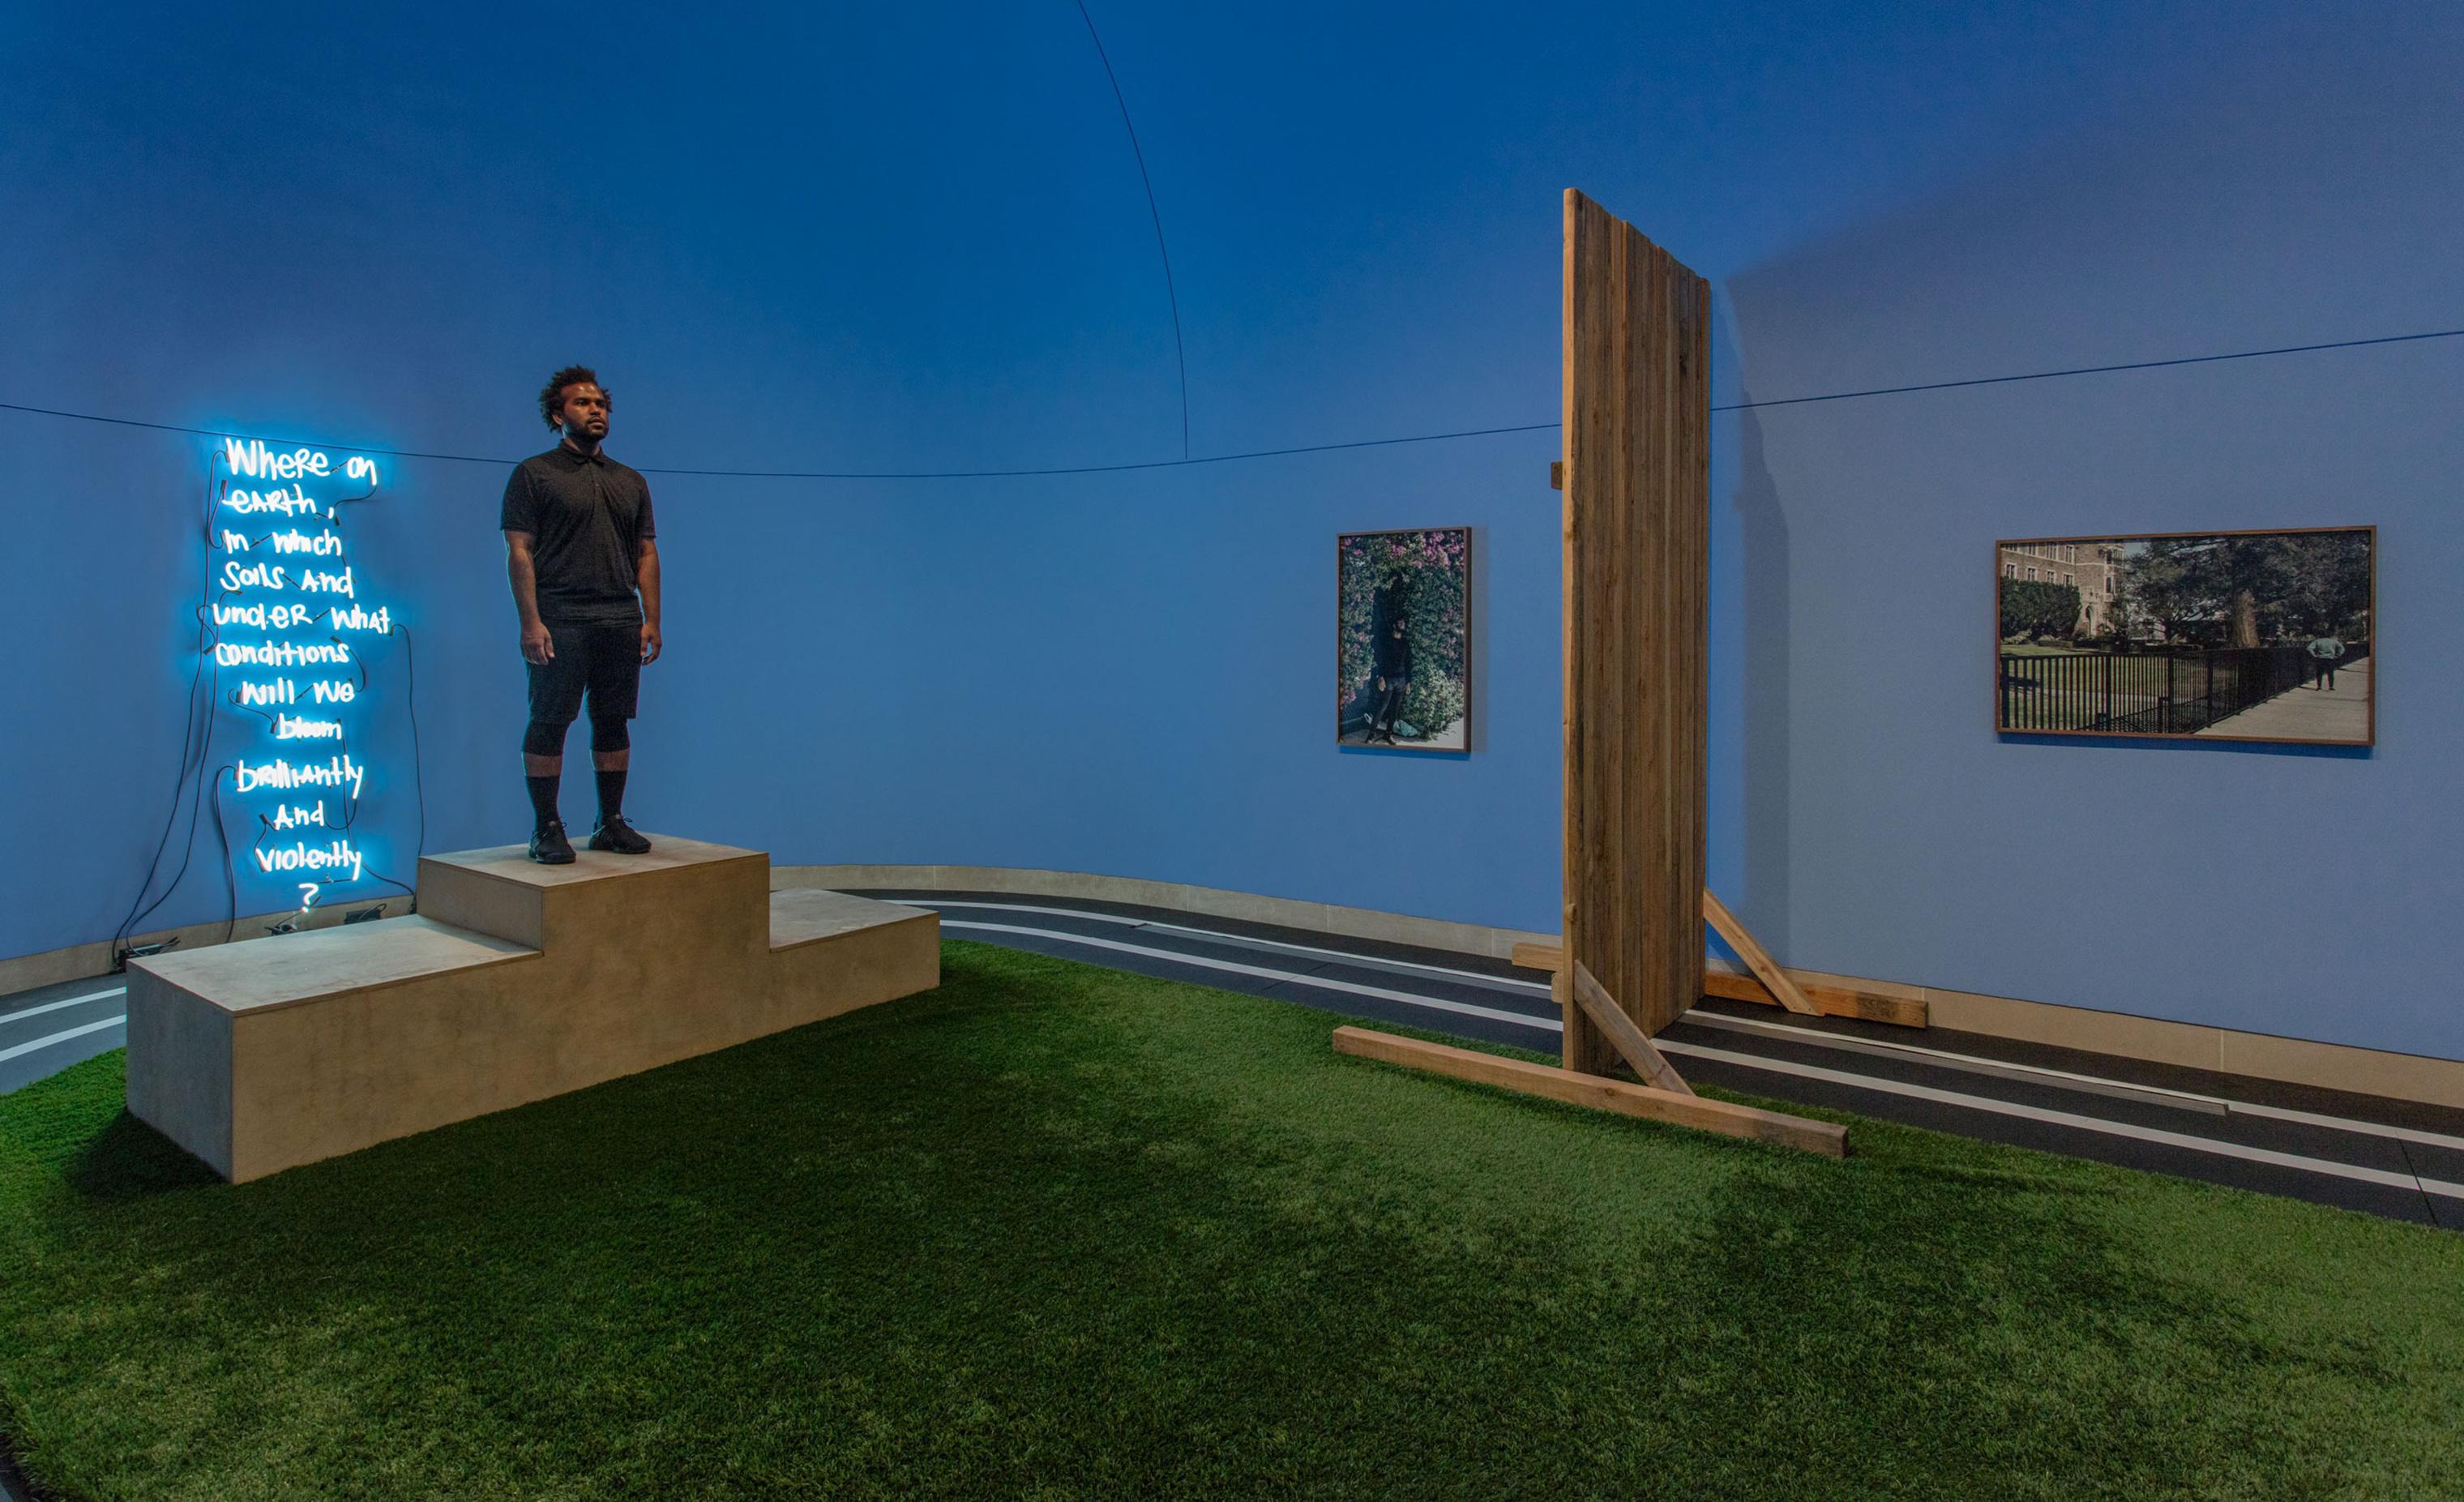 EJ Hill in his installation Excellentia, Mollitia, Victoria